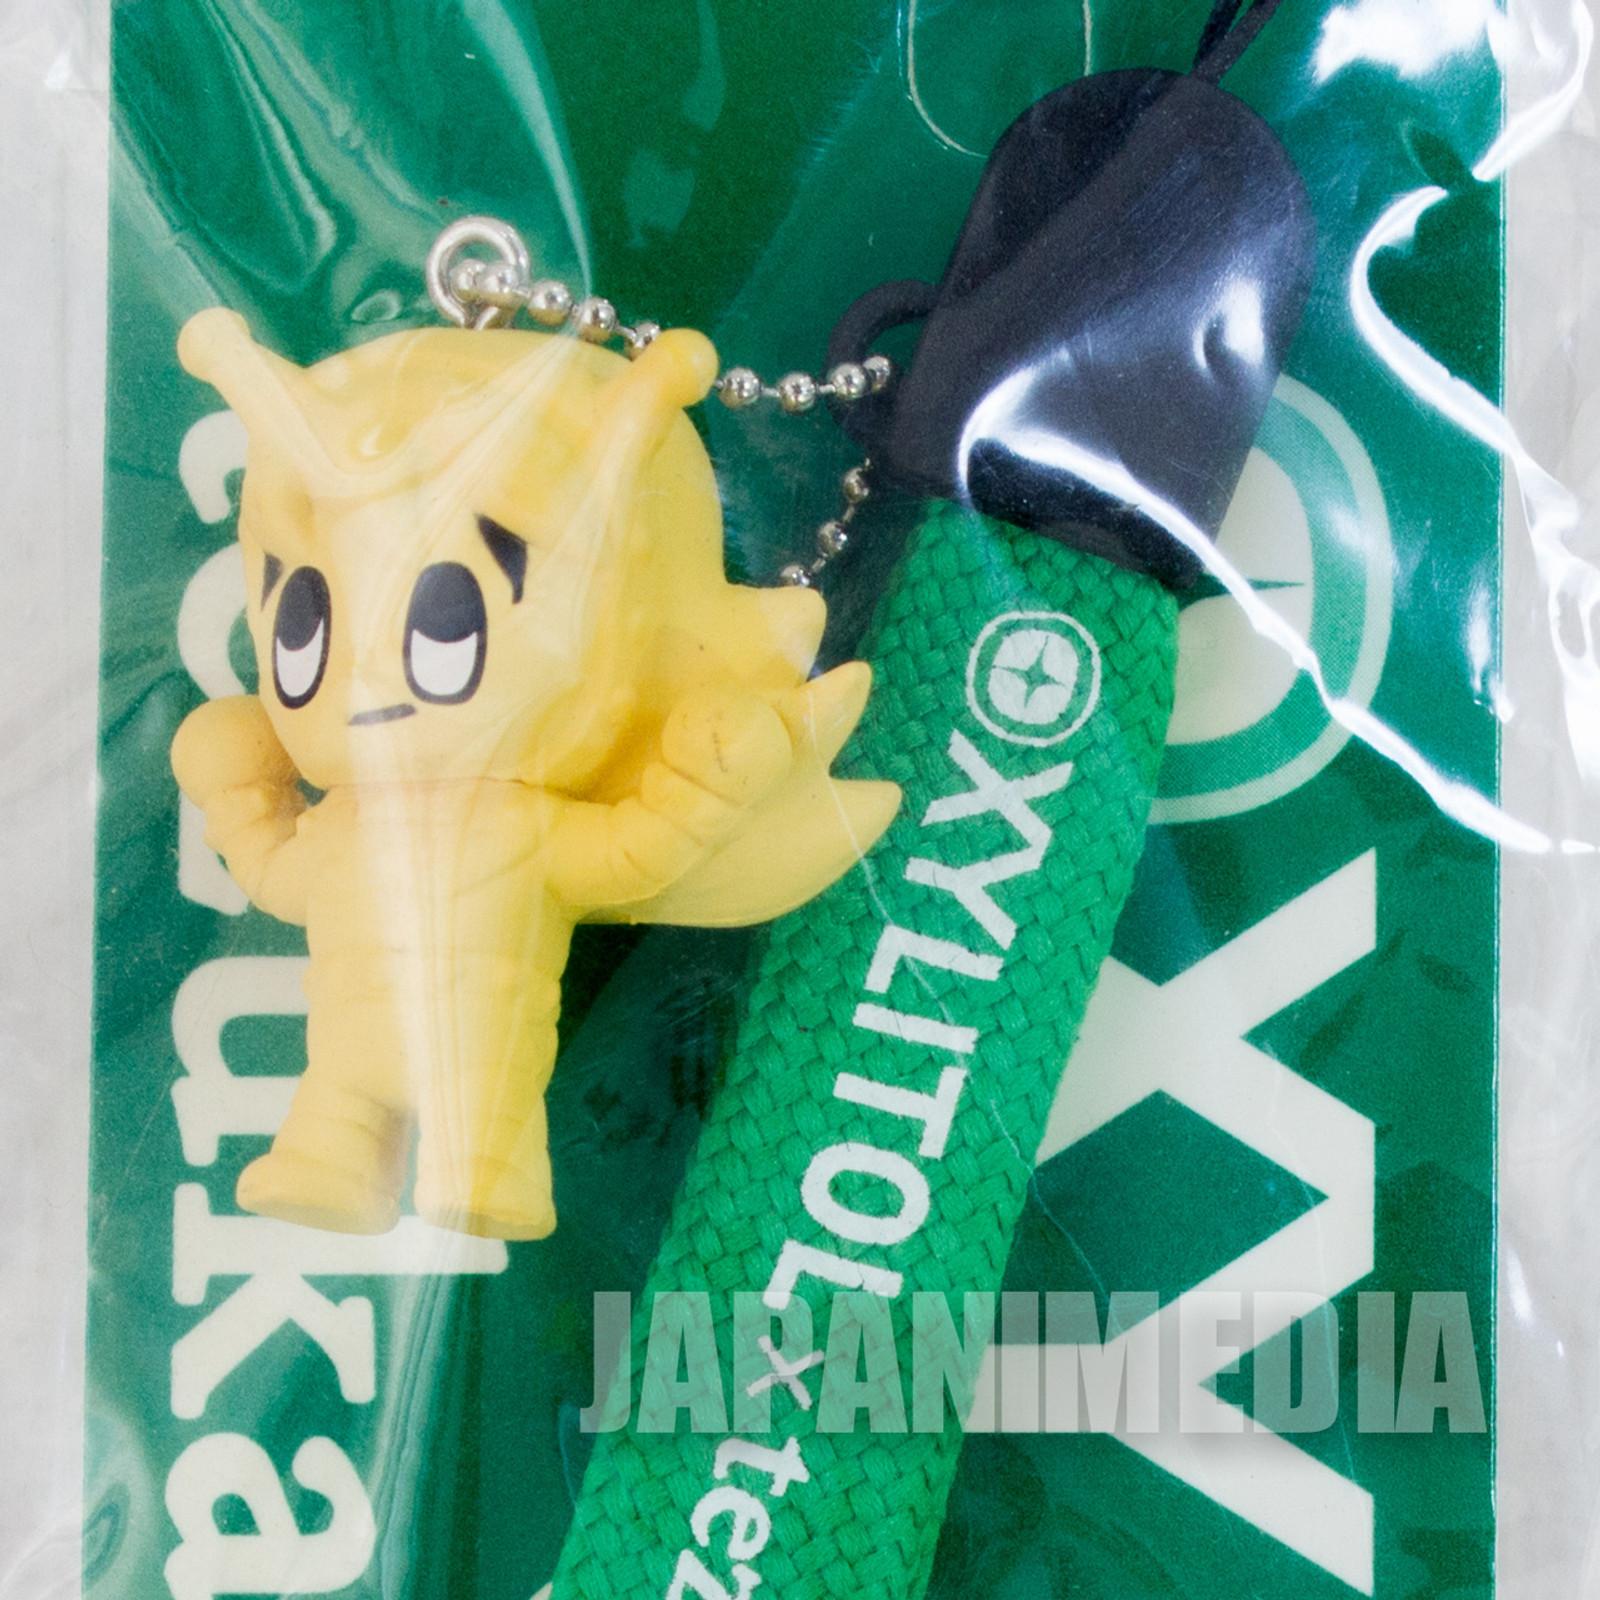 Space Giants Mascot Figure Strap XYLITOL 10th Anniversary Tezuka Osamu